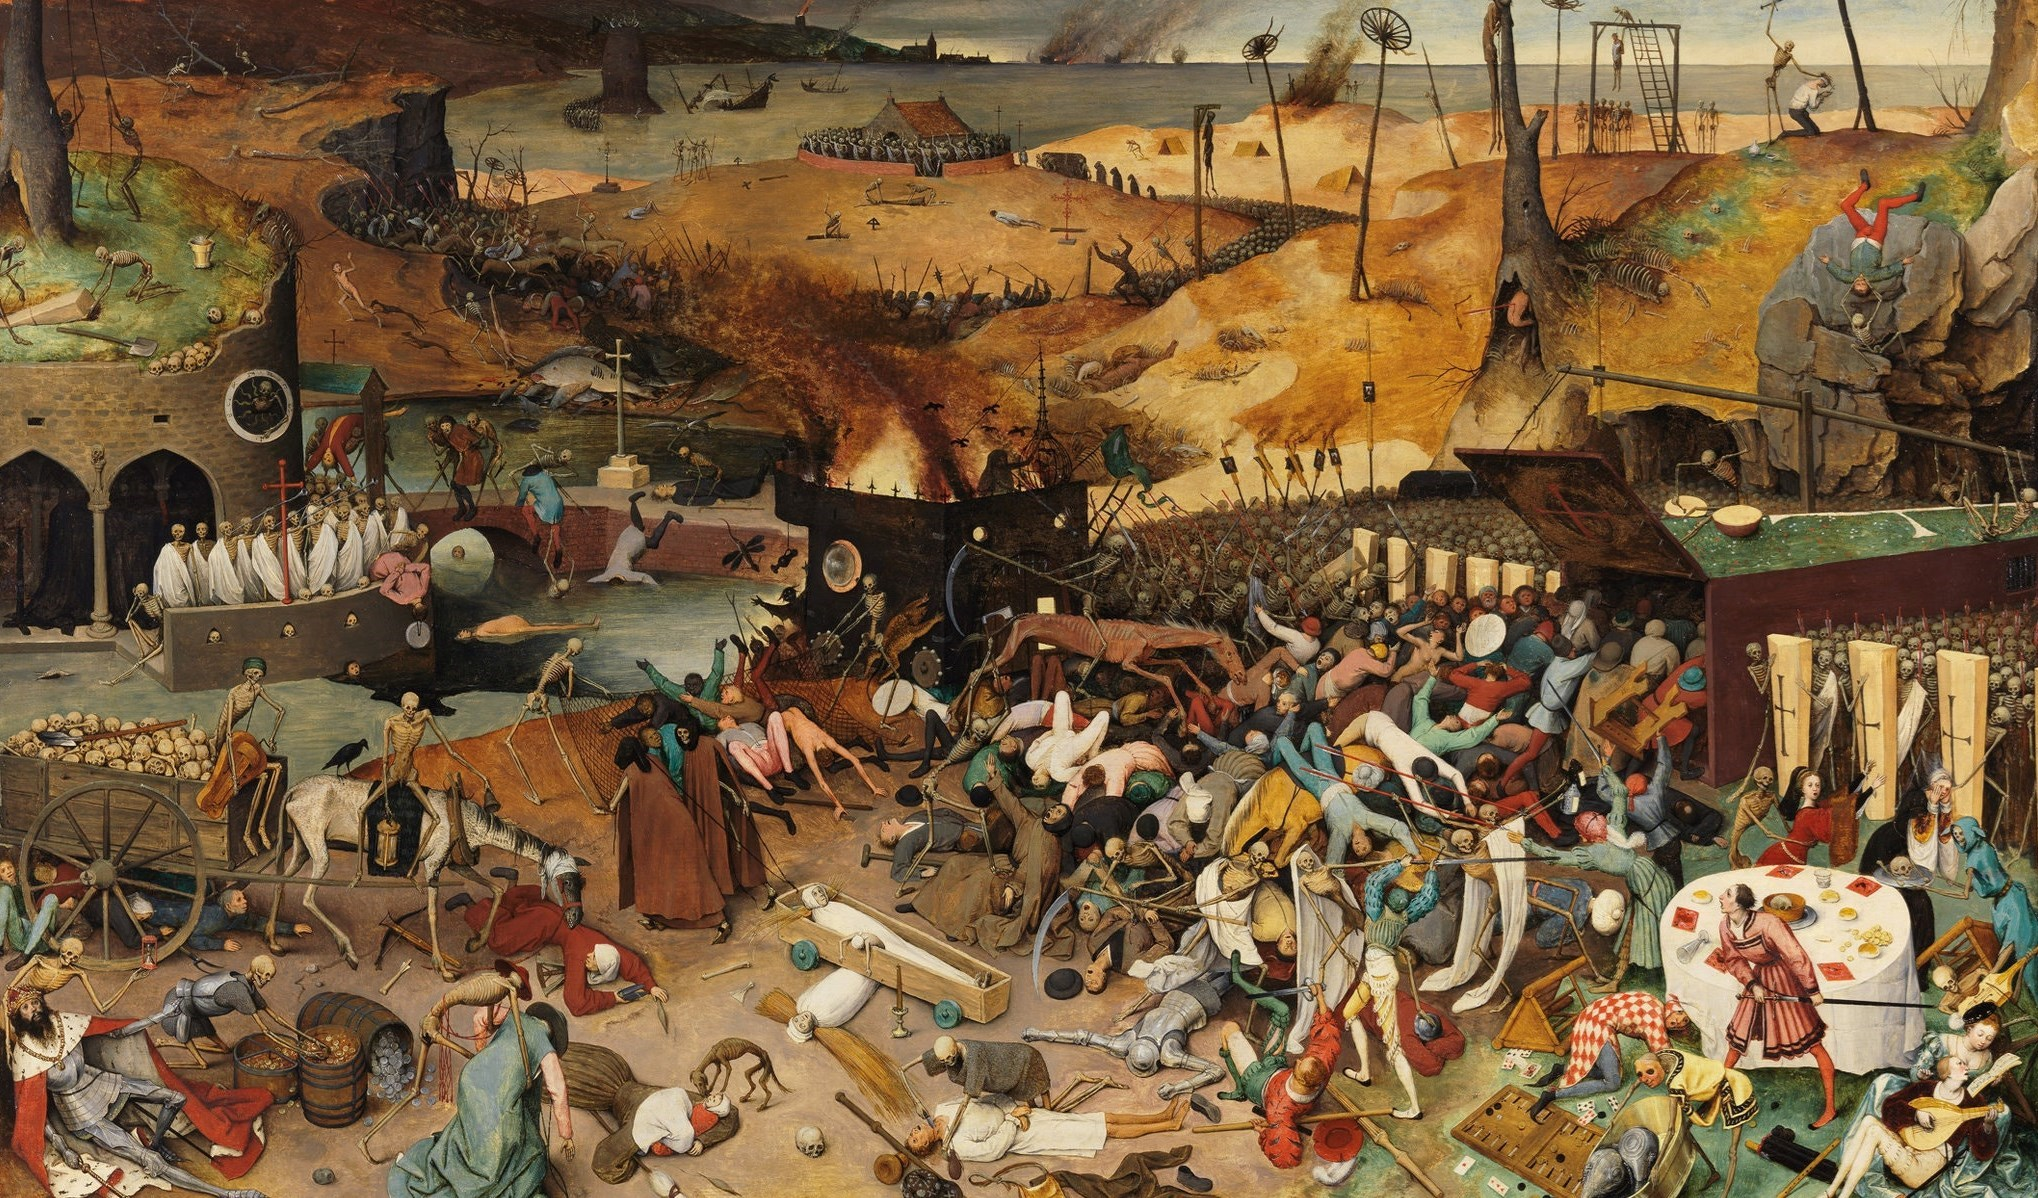 لوحة للفنان الهولندي بيتر بروغل من القرن السادس عشر عن وباء الطاعون الأسود.